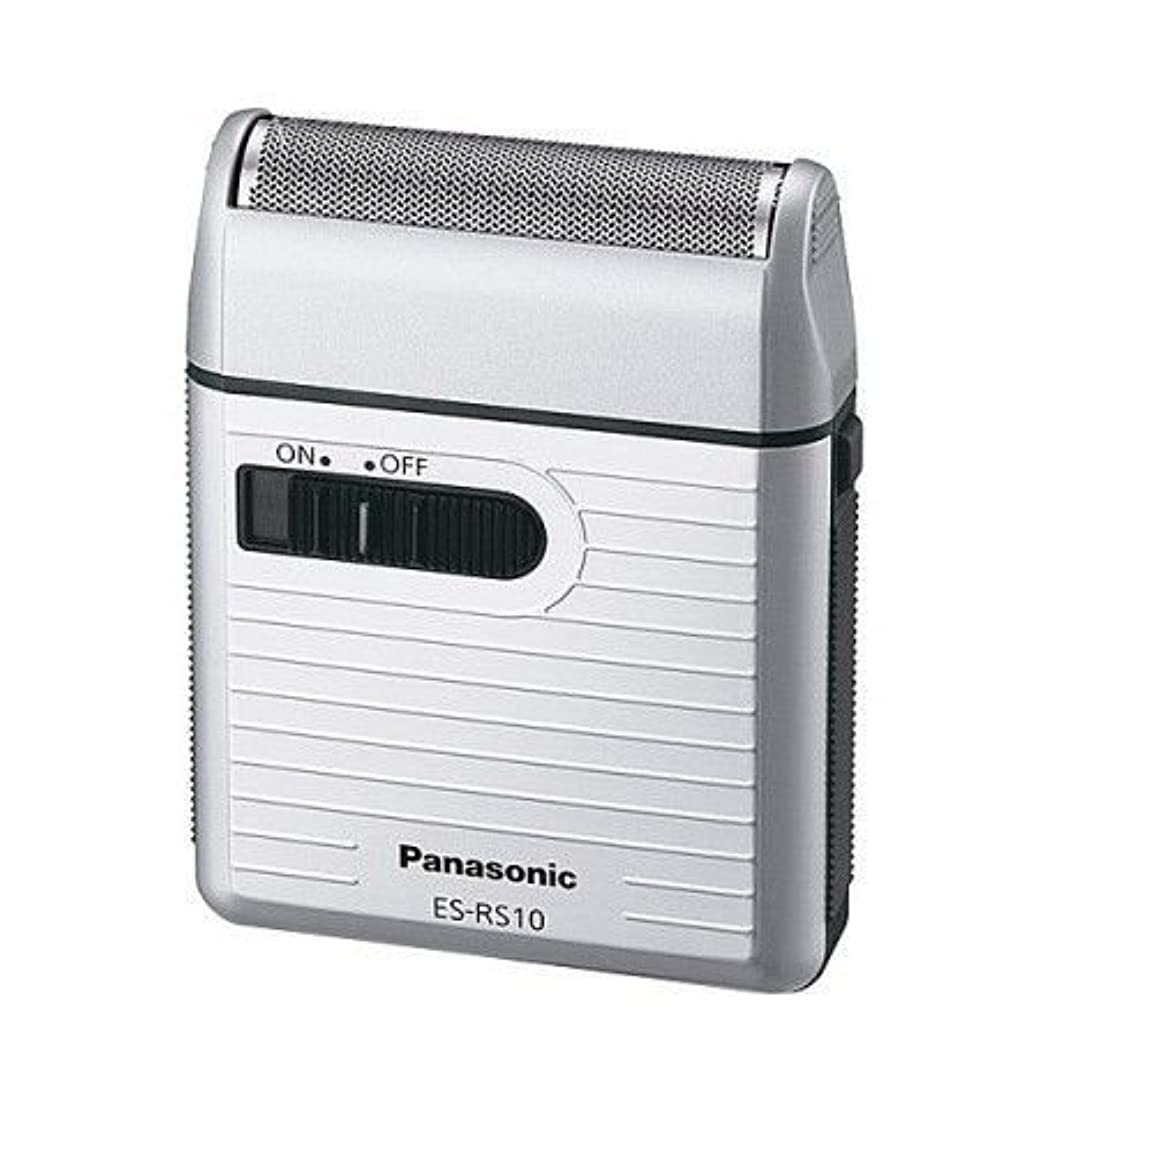 最小化する貸す虎Panasonic ES-RS10-S ンズポケットシェーバーシルバー ESRS10 日本製 [並行輸入品]